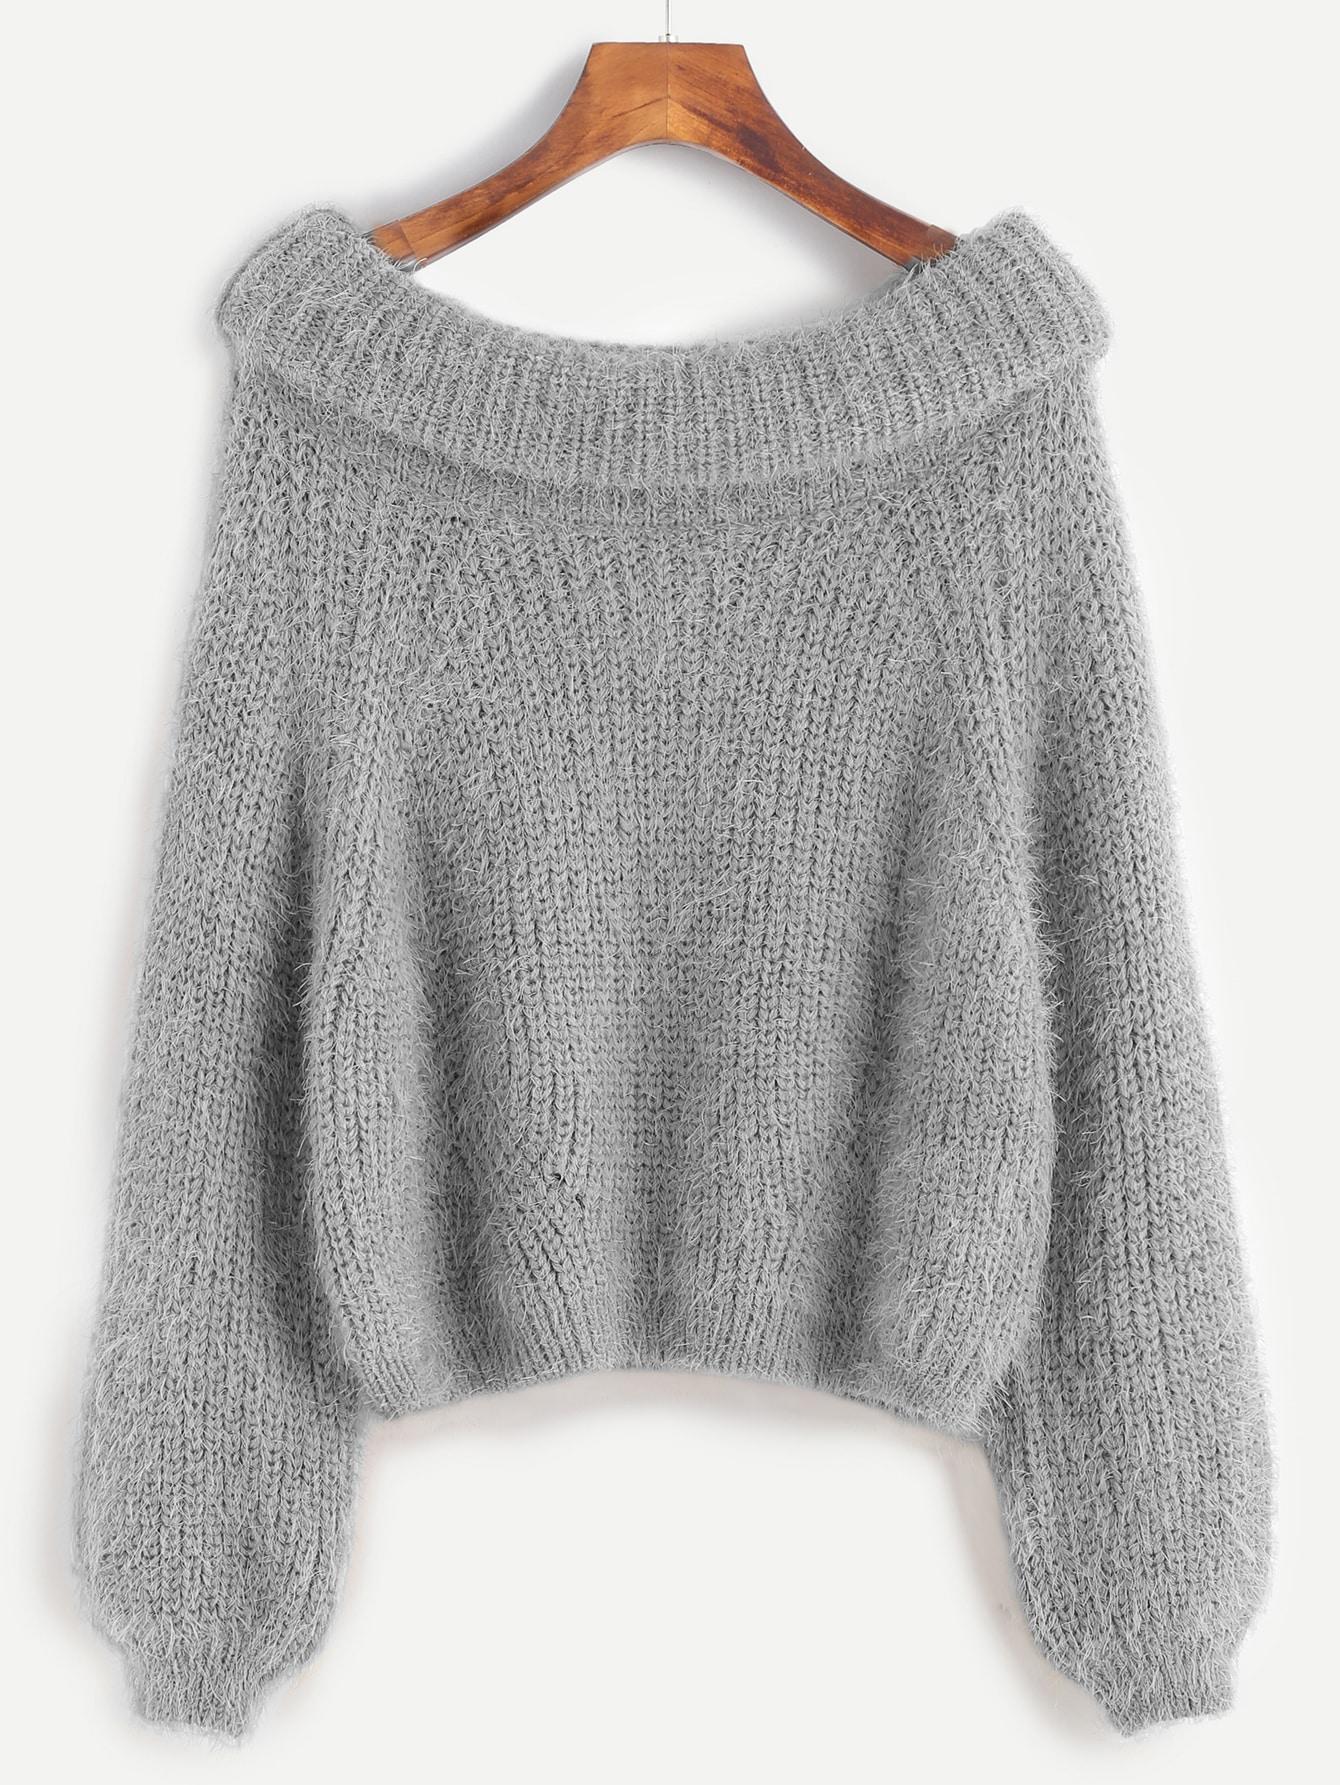 Grey Boat Neck Foldover Fuzzy Sweater -SheIn(Sheinside)